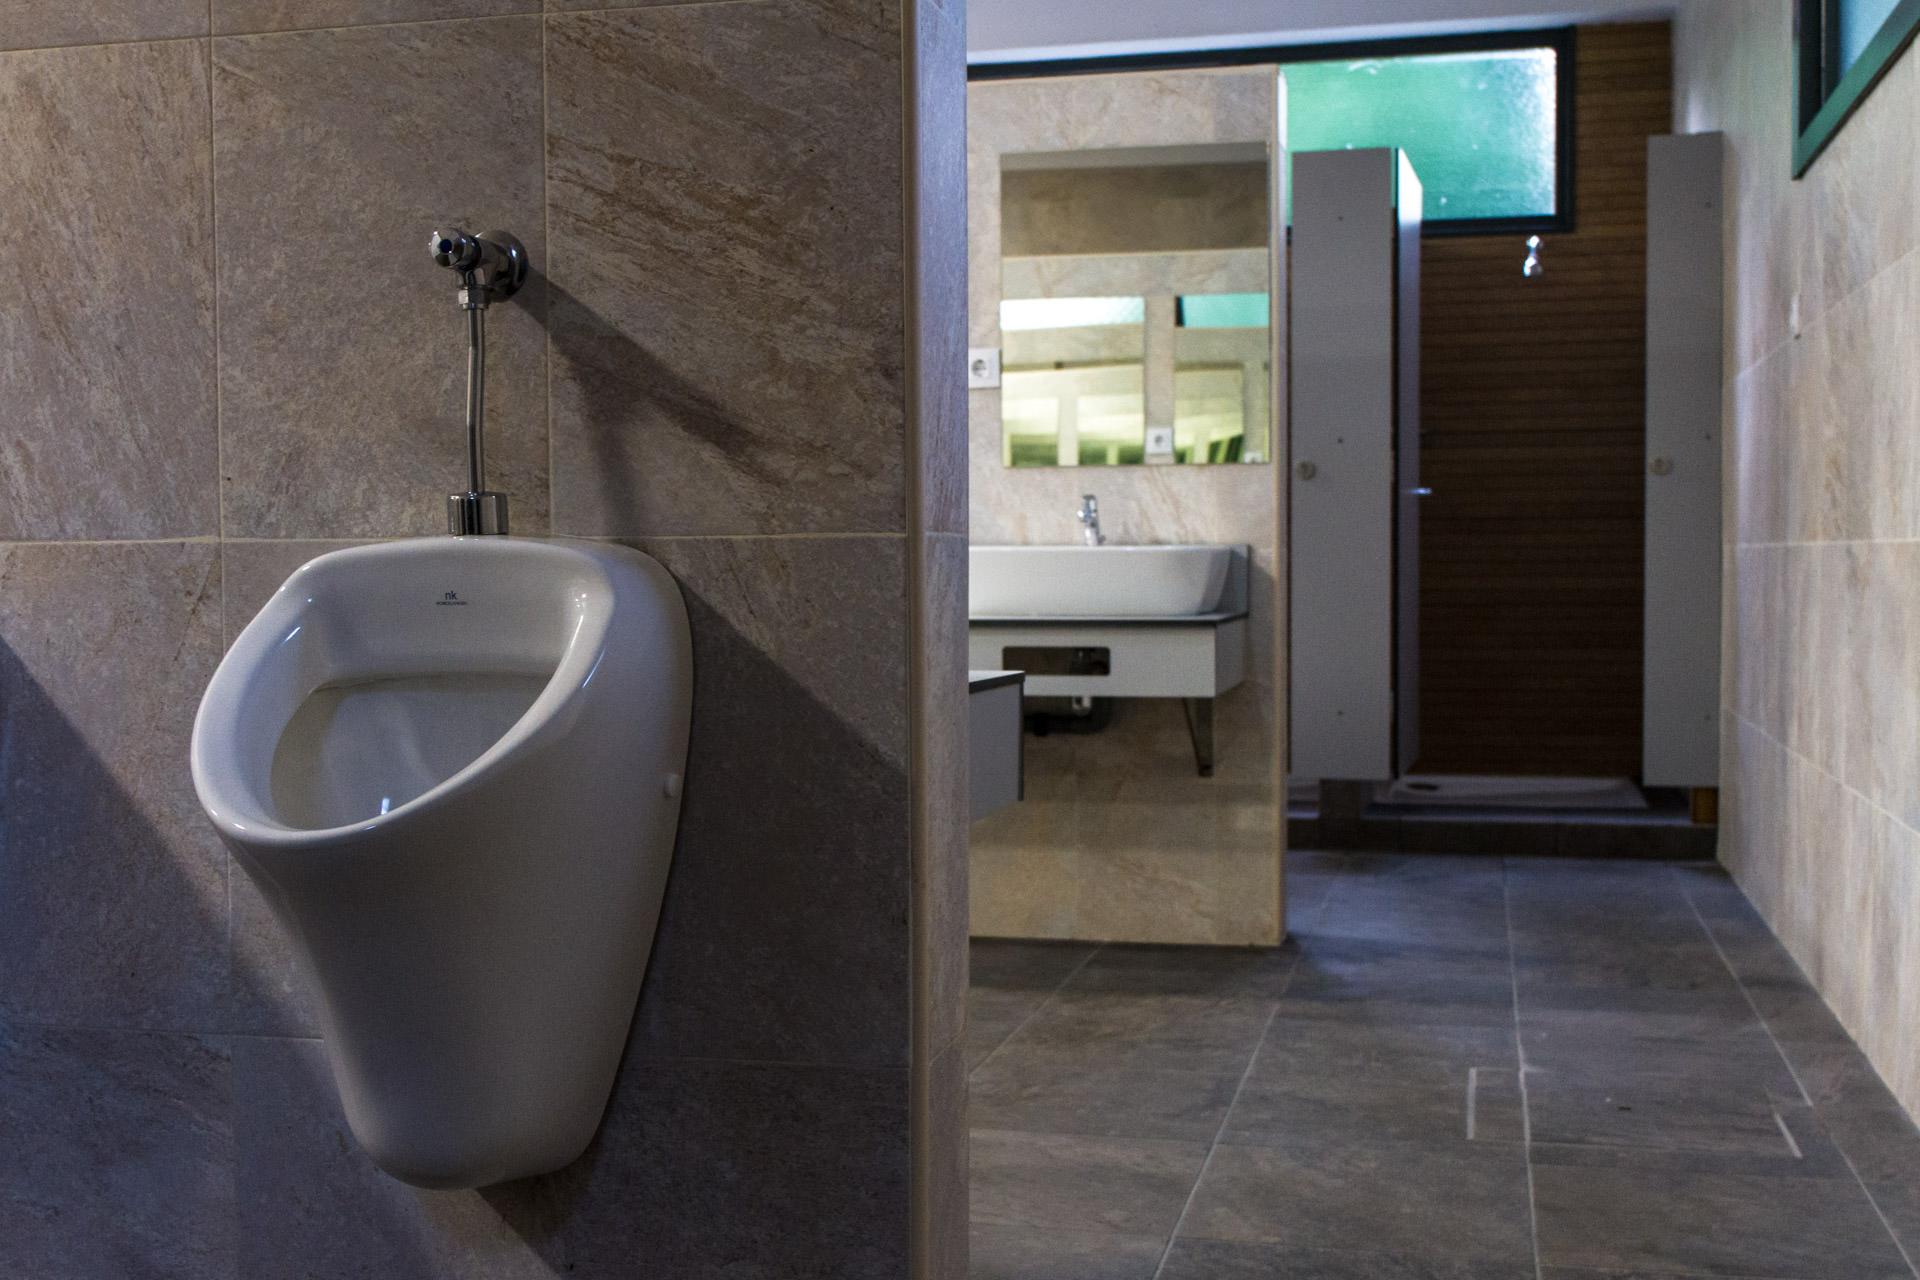 Urinario, lavabo y ducha al fondo, instalaciones del a zona de asesos